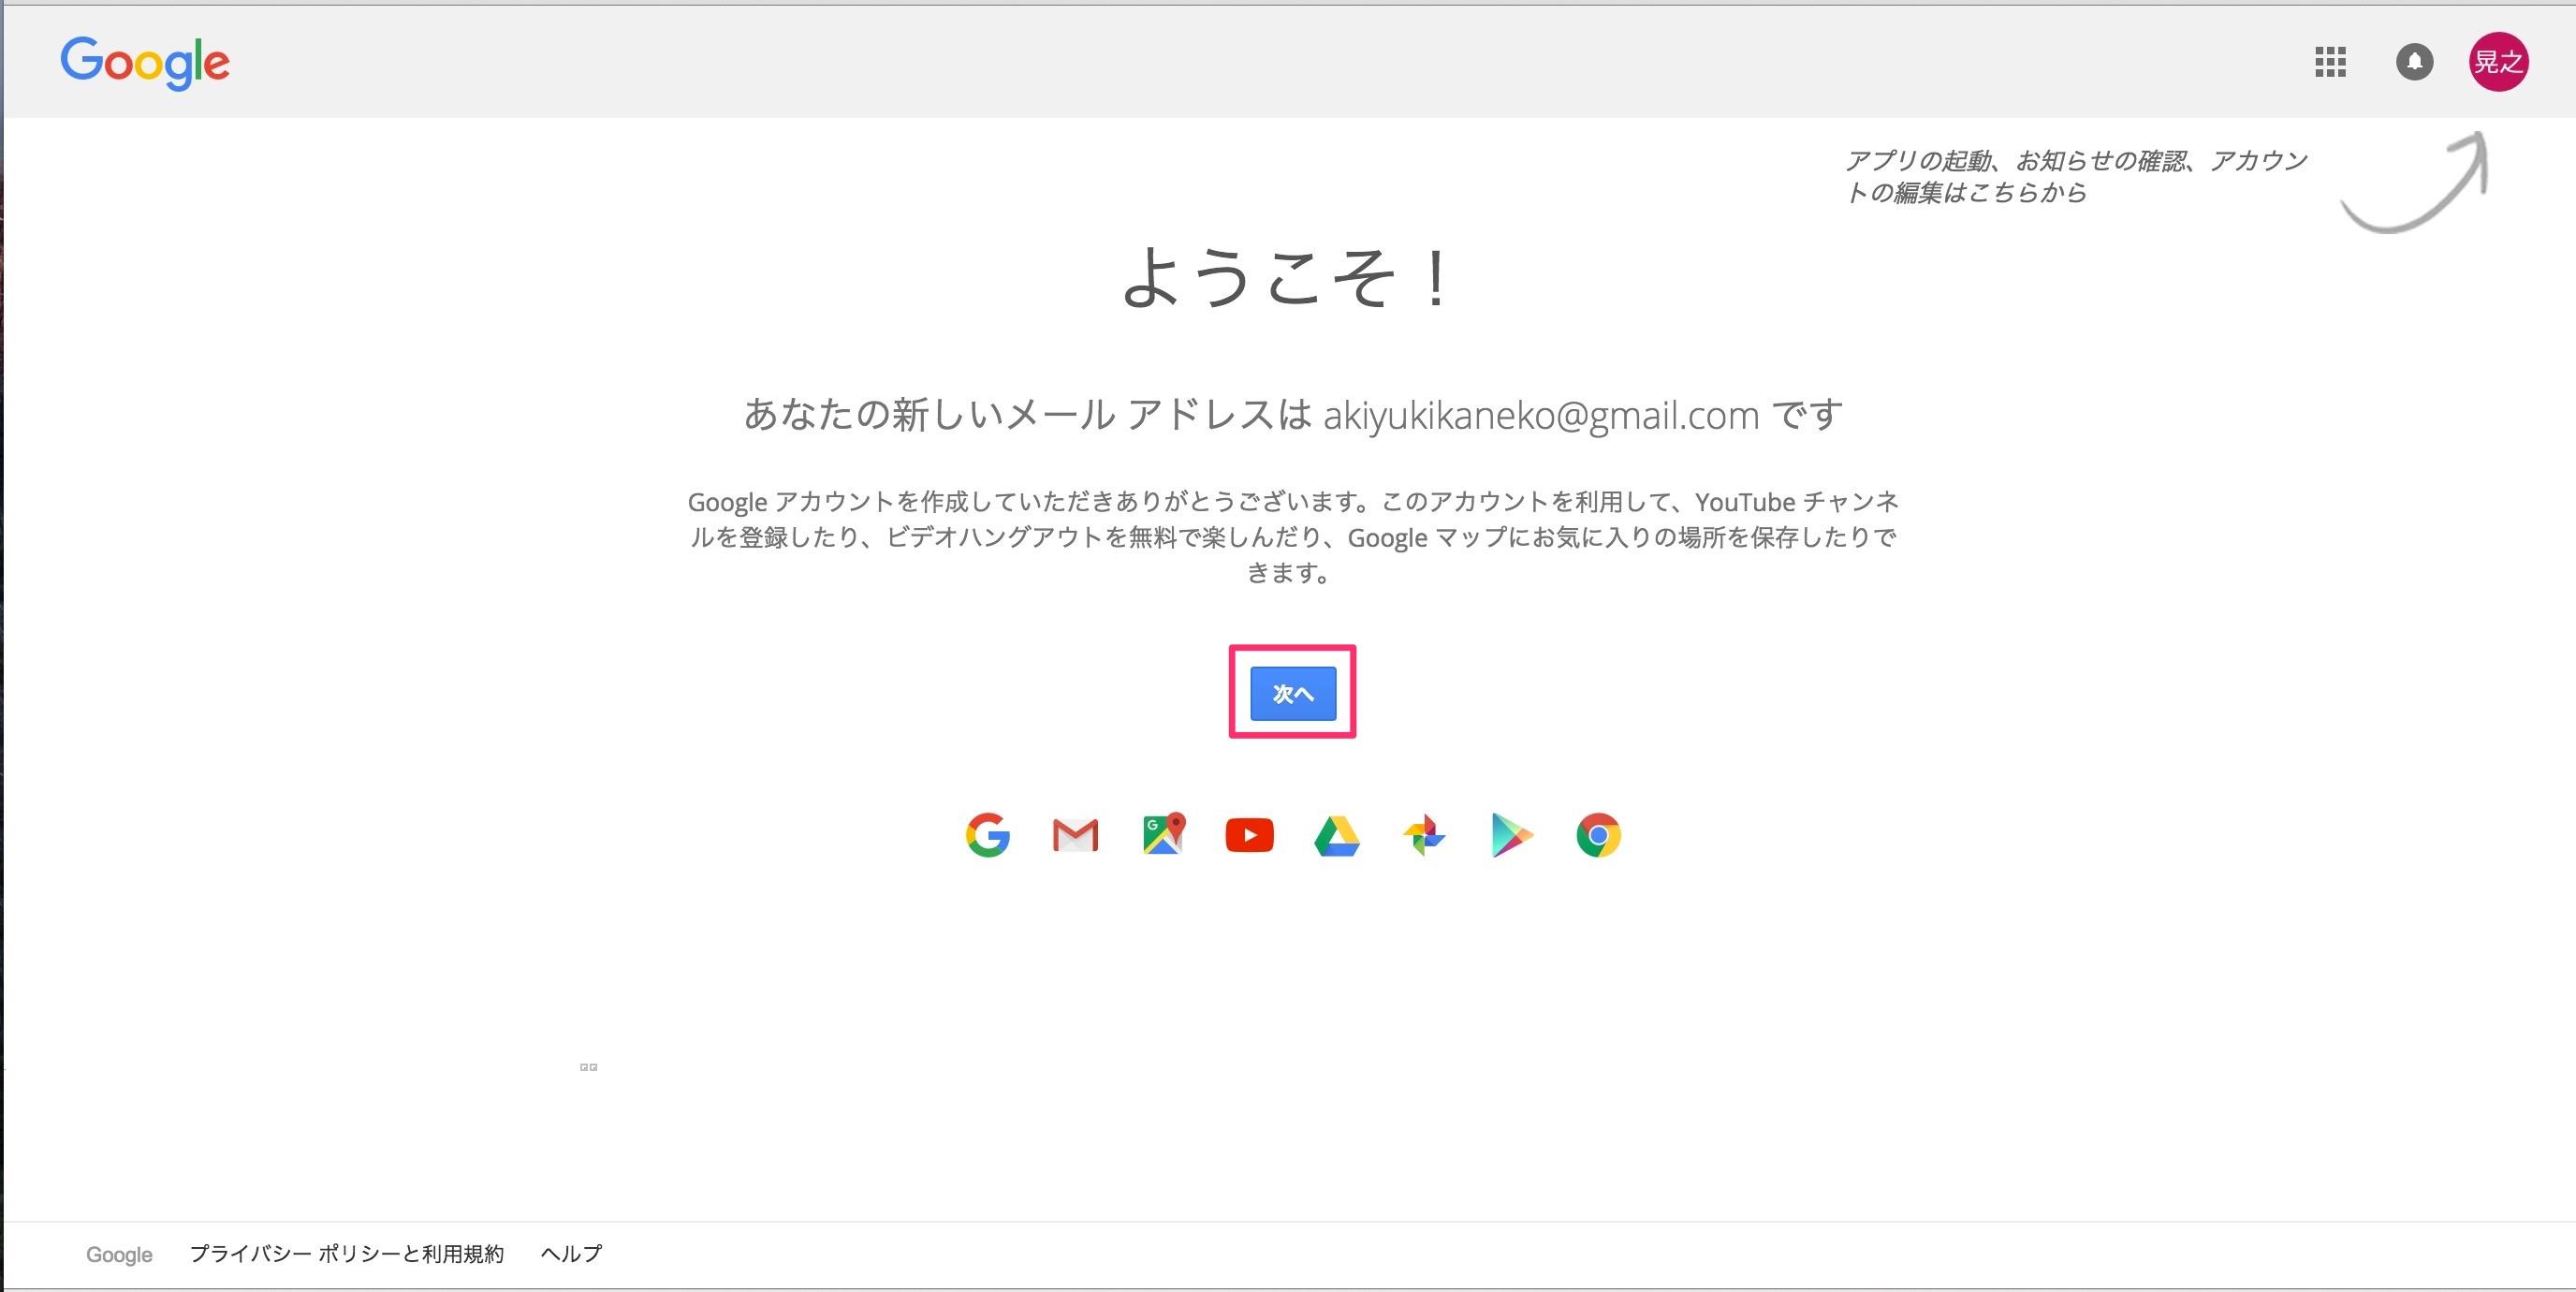 googleのアカウント取得方法5